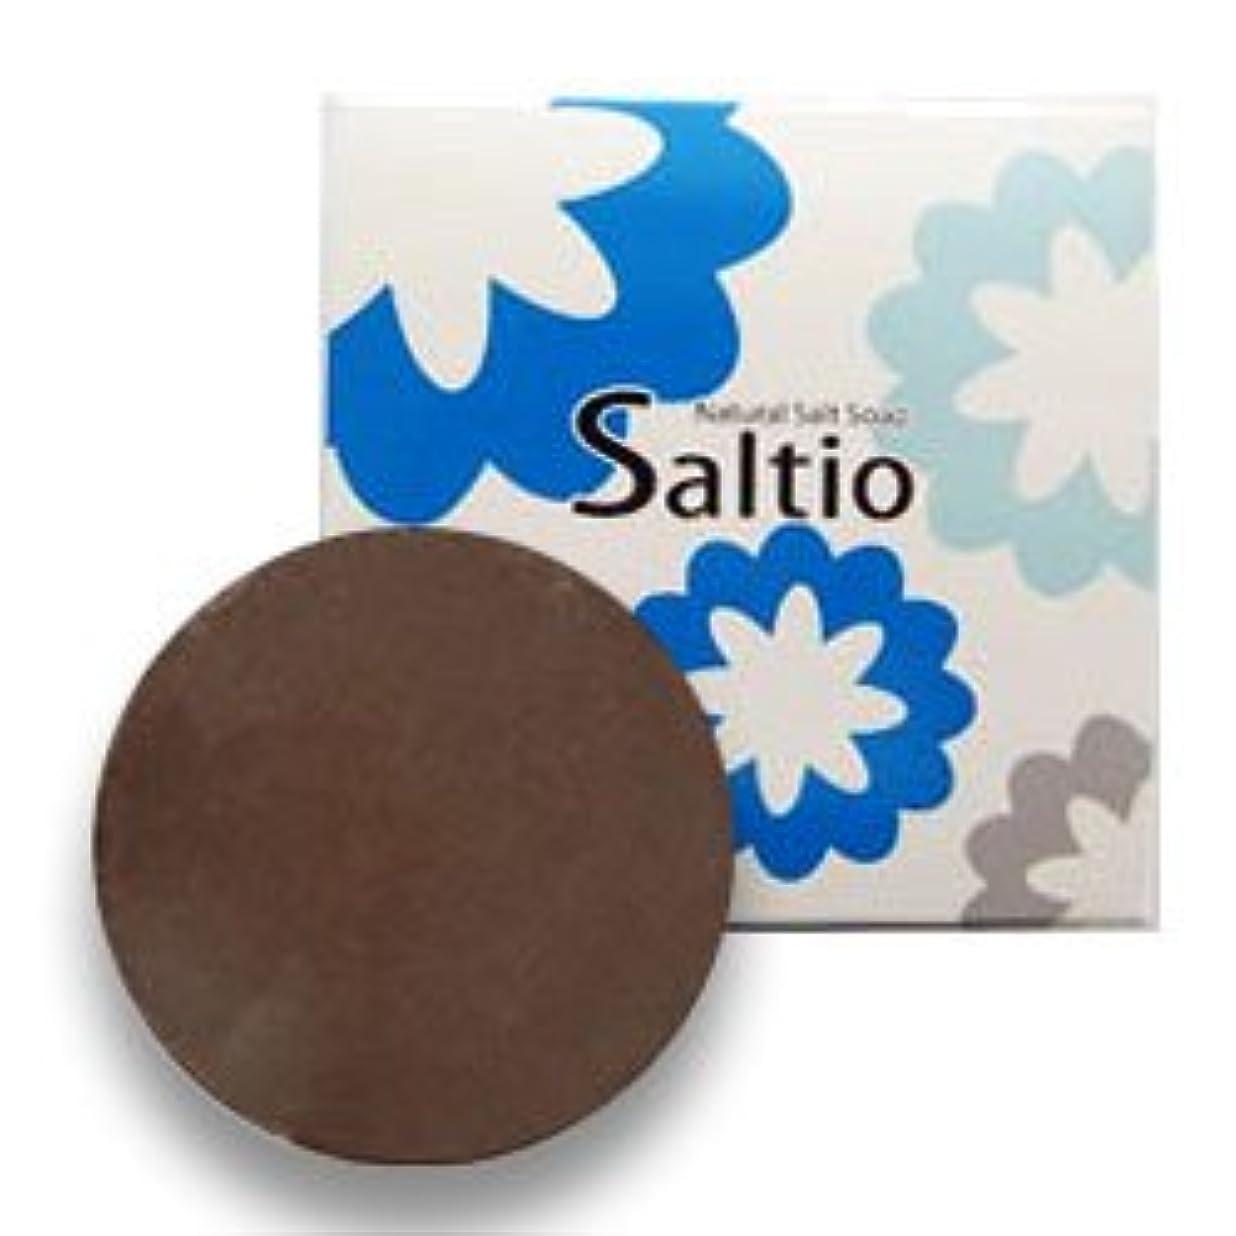 バランスのとれた小数圧縮無添加 石鹸 Saltio ソルティオ 泡立てネット 付き ( 洗顔?浴用 石けん ) 80g  / デオドラント